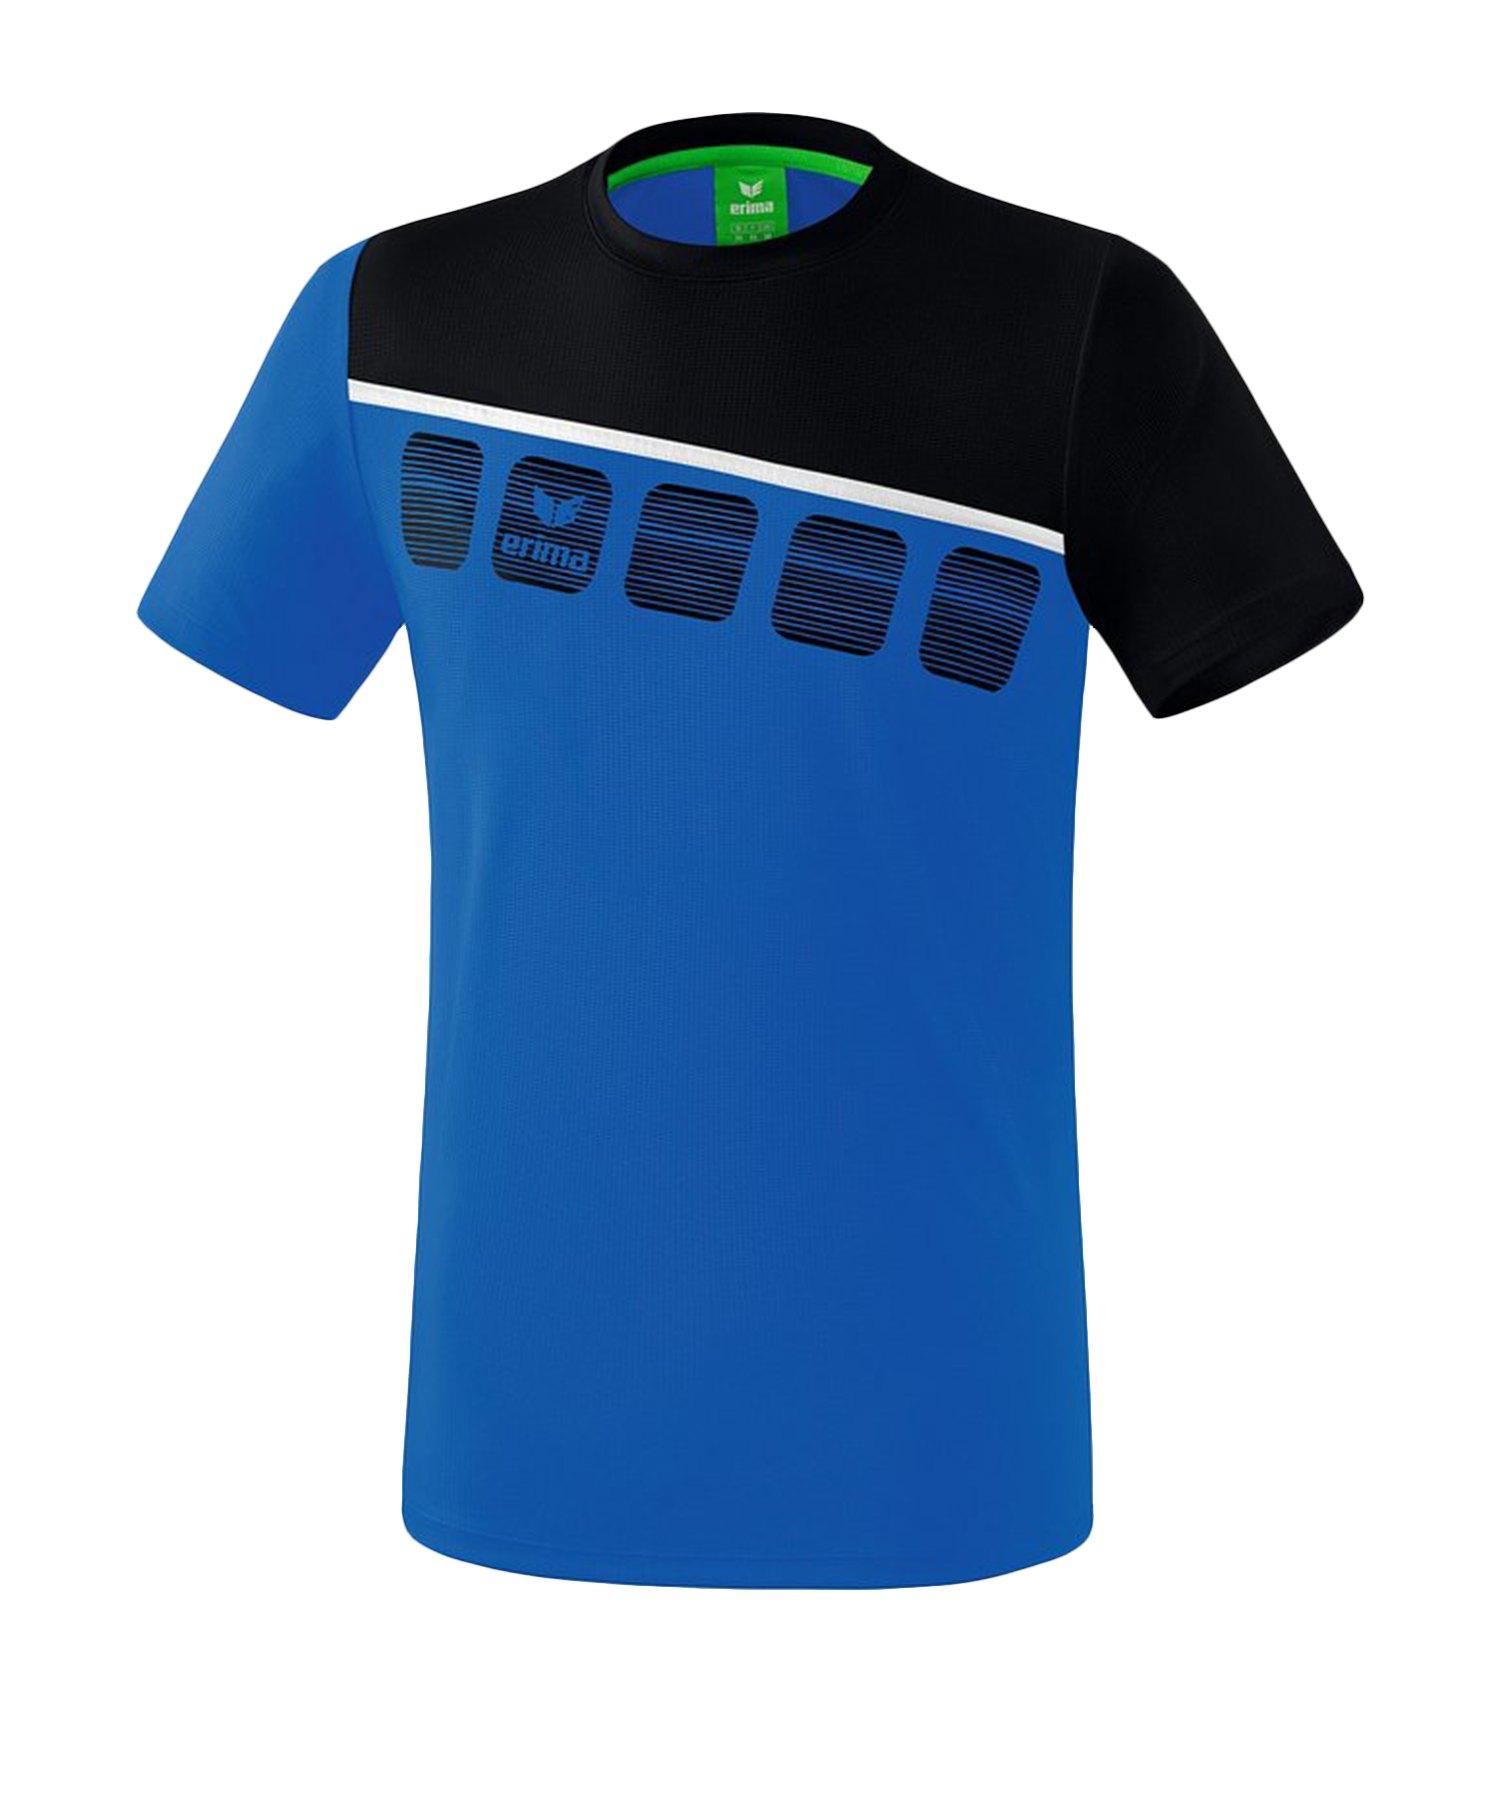 Erima 5-C T-Shirt Kids Blau Schwarz - Blau